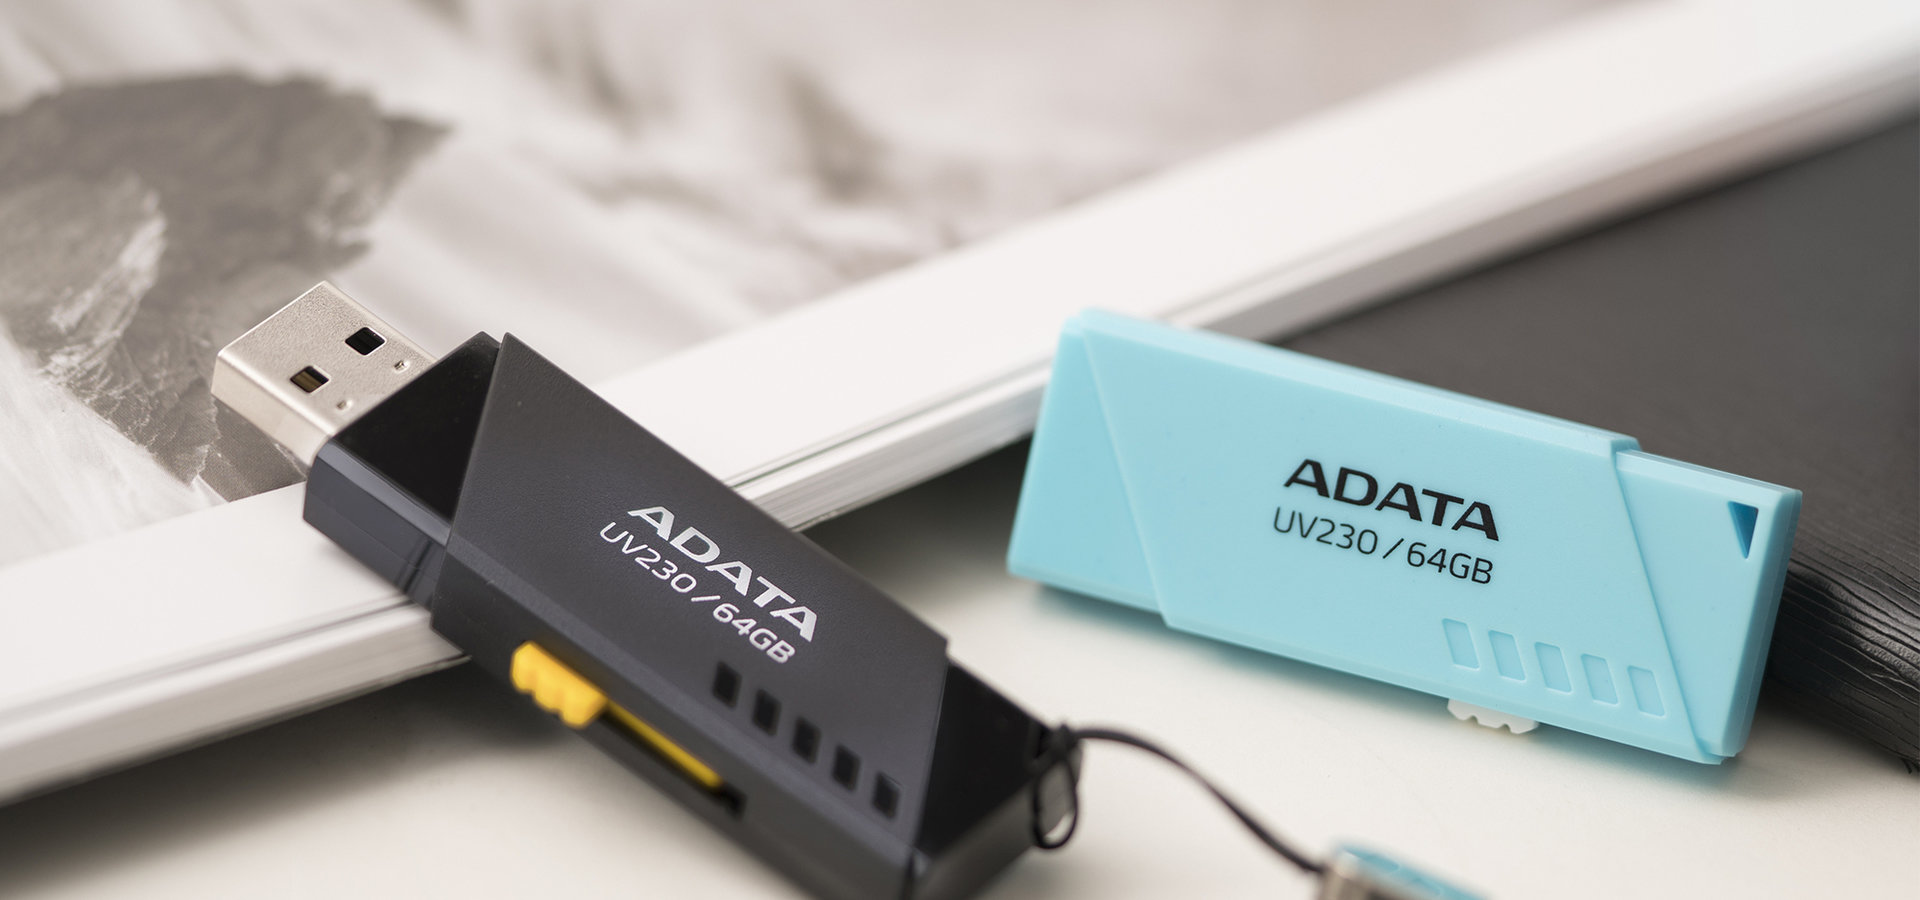 ADATA UV230 i UV330 - uniwersalne pendrive'y z wysuwanym złączem USB